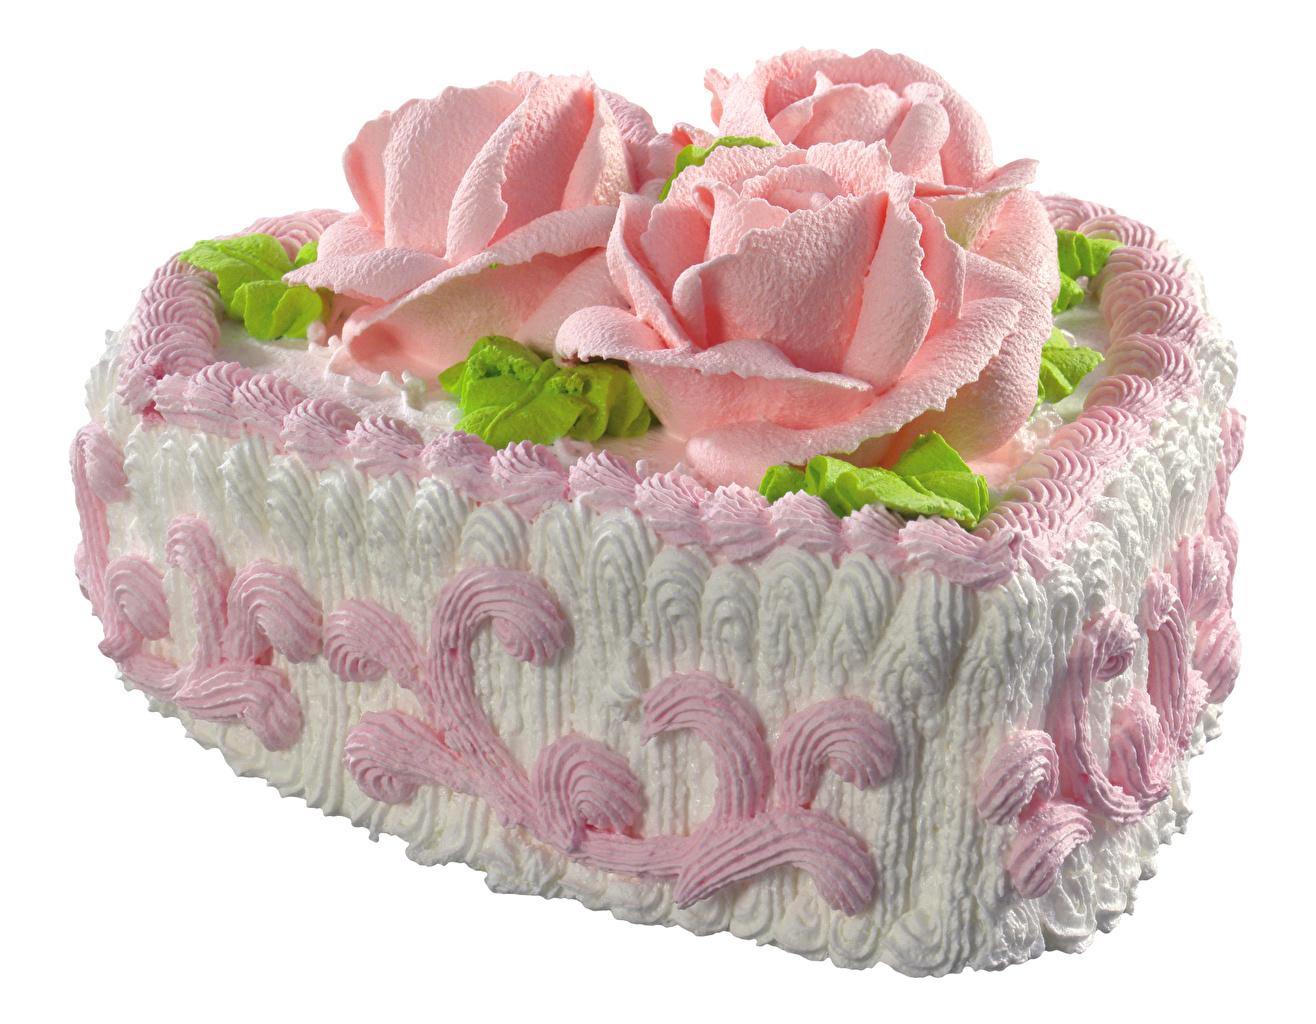 Фото Розы Торты Продукты питания белым фоном сладкая еда дизайна роза Еда Пища Сладости Белый фон белом фоне Дизайн